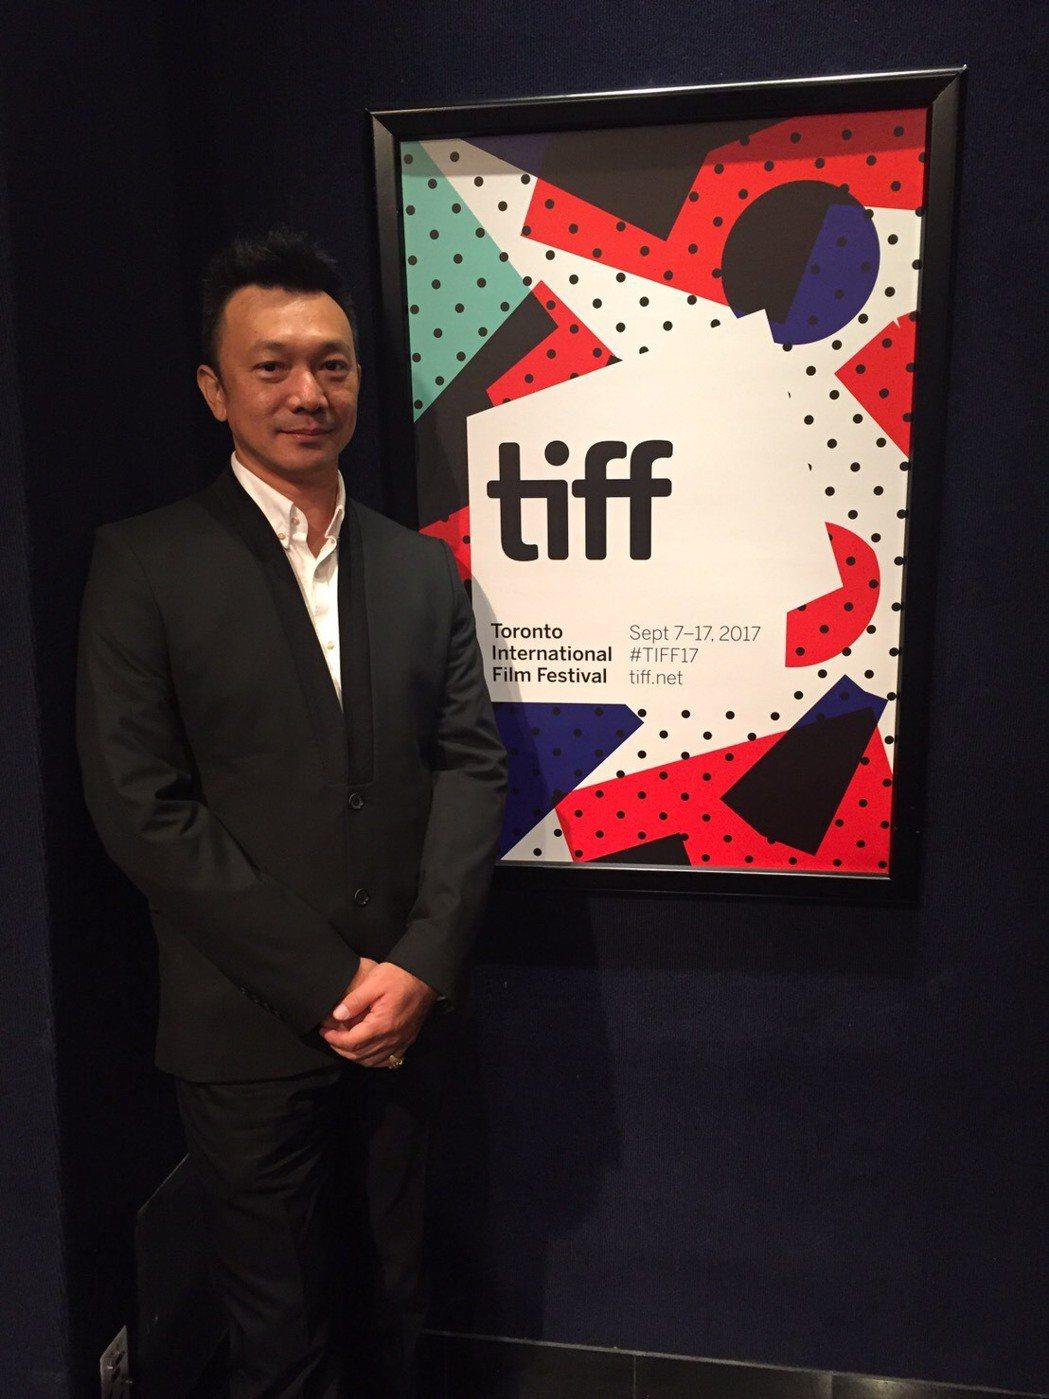 黃信堯執導電影「大佛普拉斯」在多倫多影展獲獎。圖/甲上提供